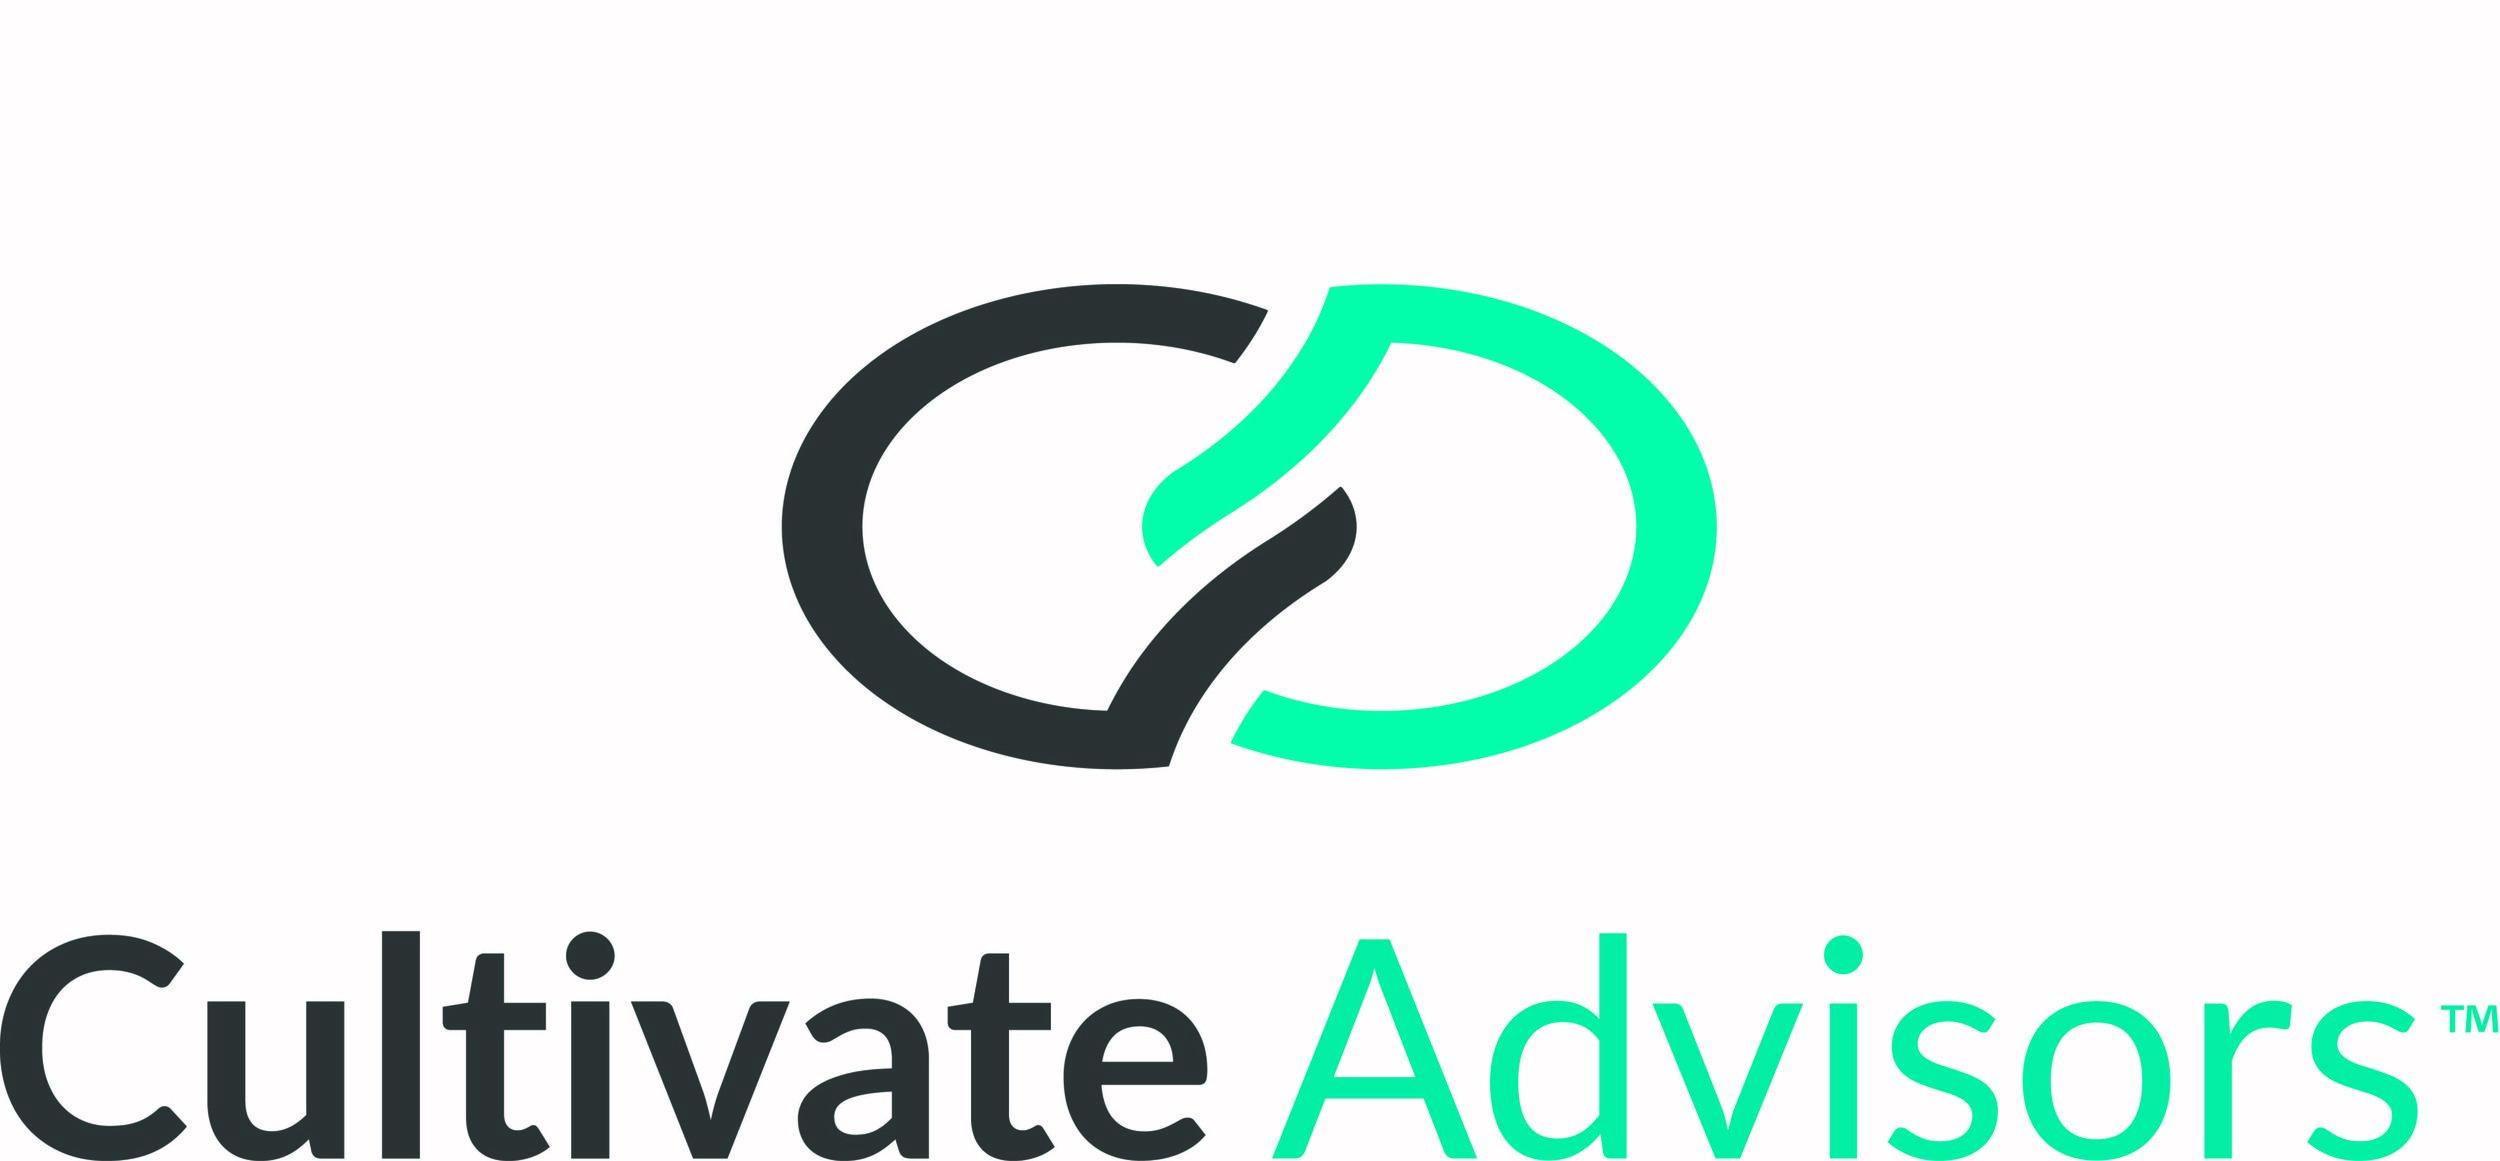 CultivateAdvisors.logo.2017.grey.jpg